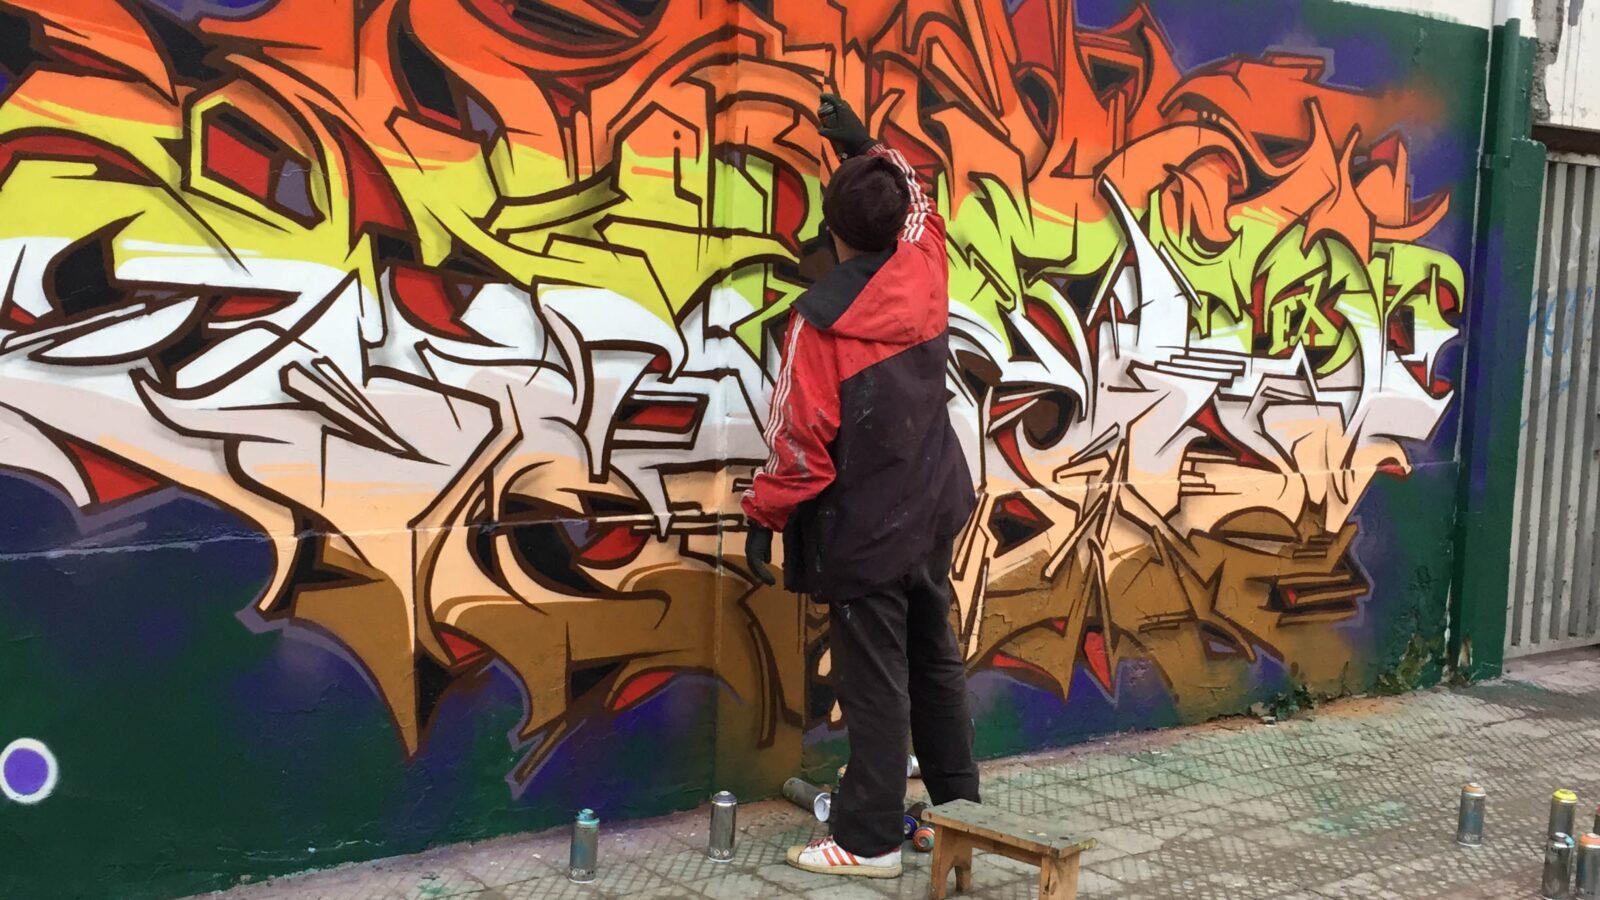 Does1, intervista ad un pioniere brasiliano dei graffiti.